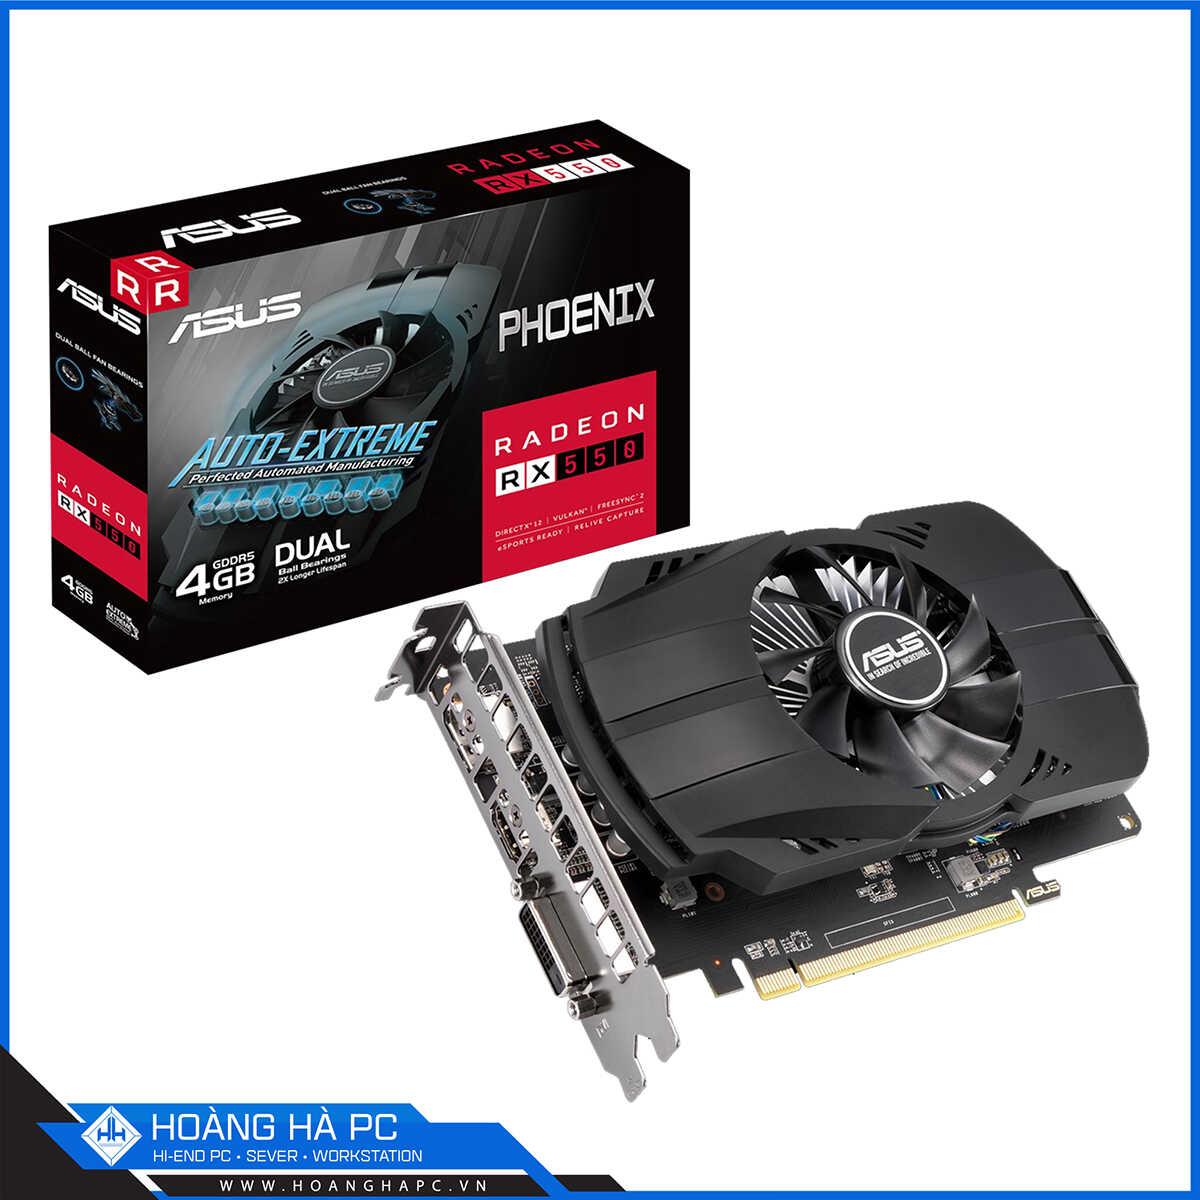 Card màn hình VGA ASUS PH-RX550-4G-EVO